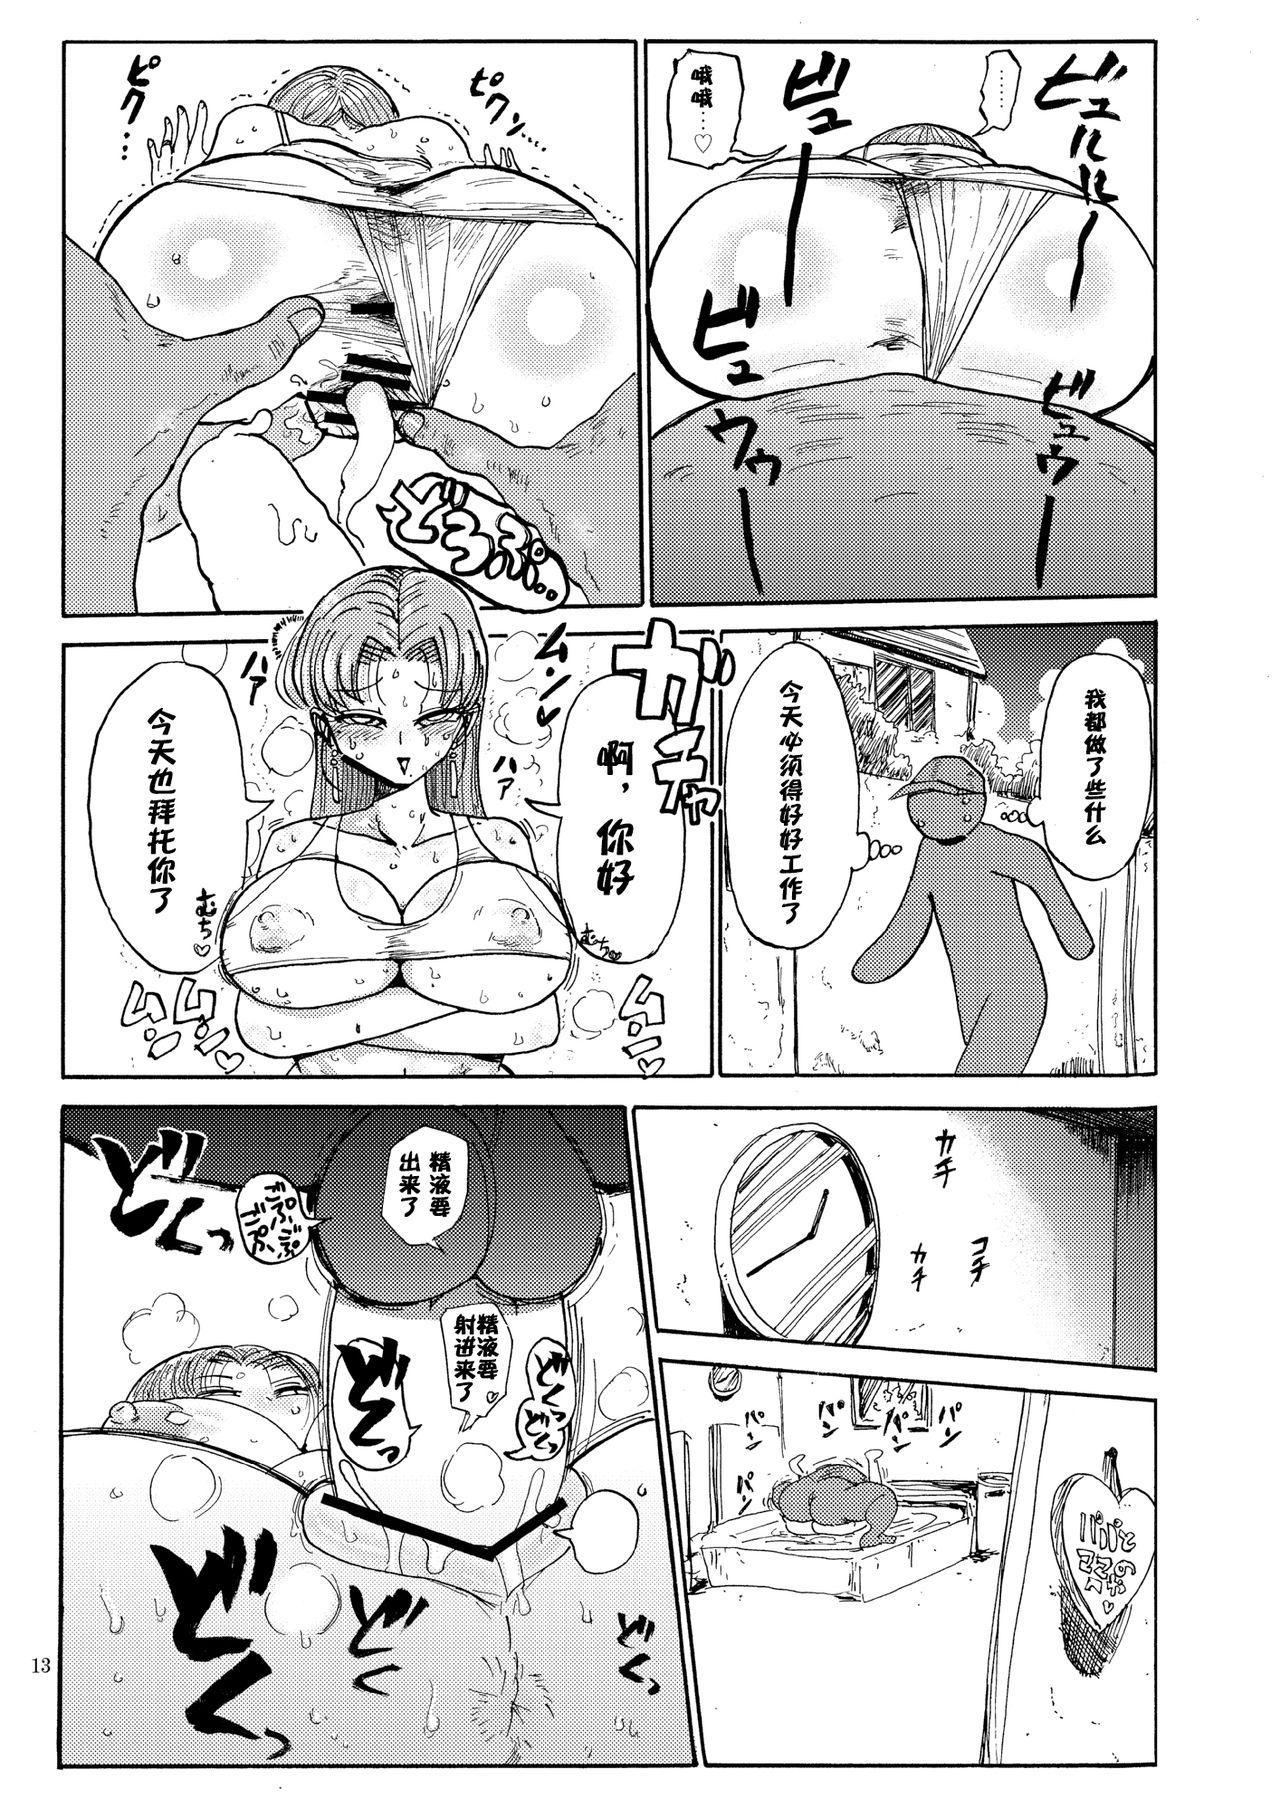 Nandemo Chousa Shoujo no Doujinshi ga Deta? Wakarimashita Chousa Shimasu 12